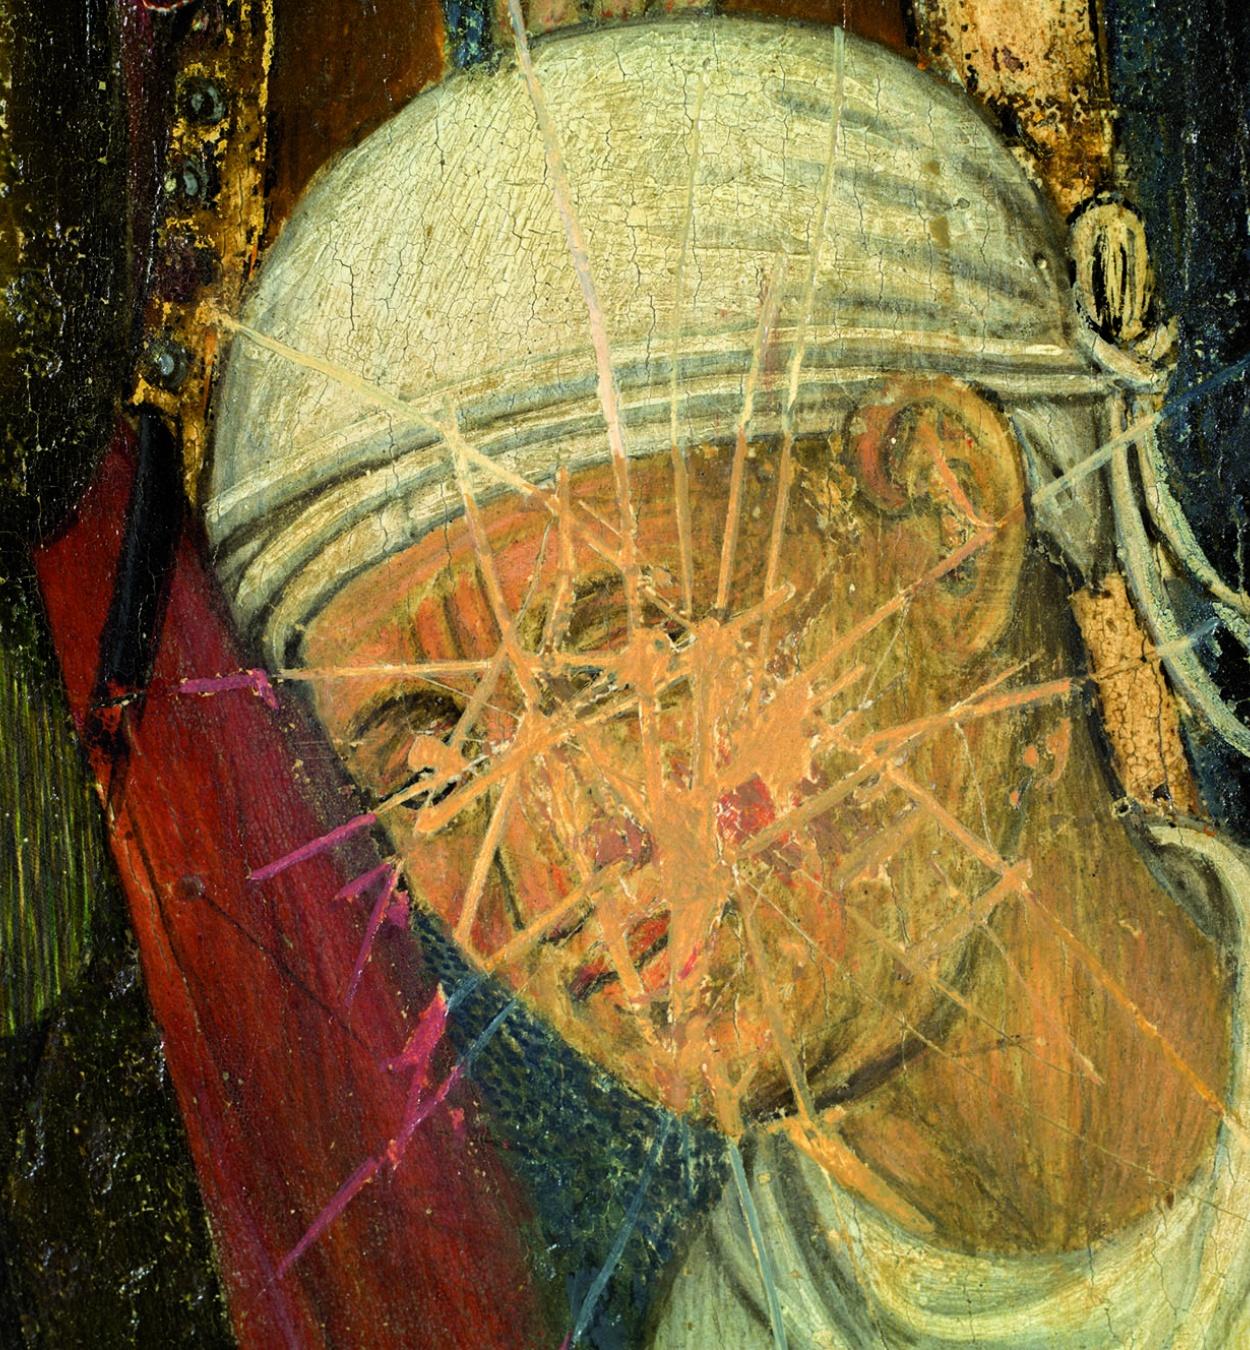 Bernat Martorell, Figura del Retaule dels Sants Joans, c. 1435-1445 (2)